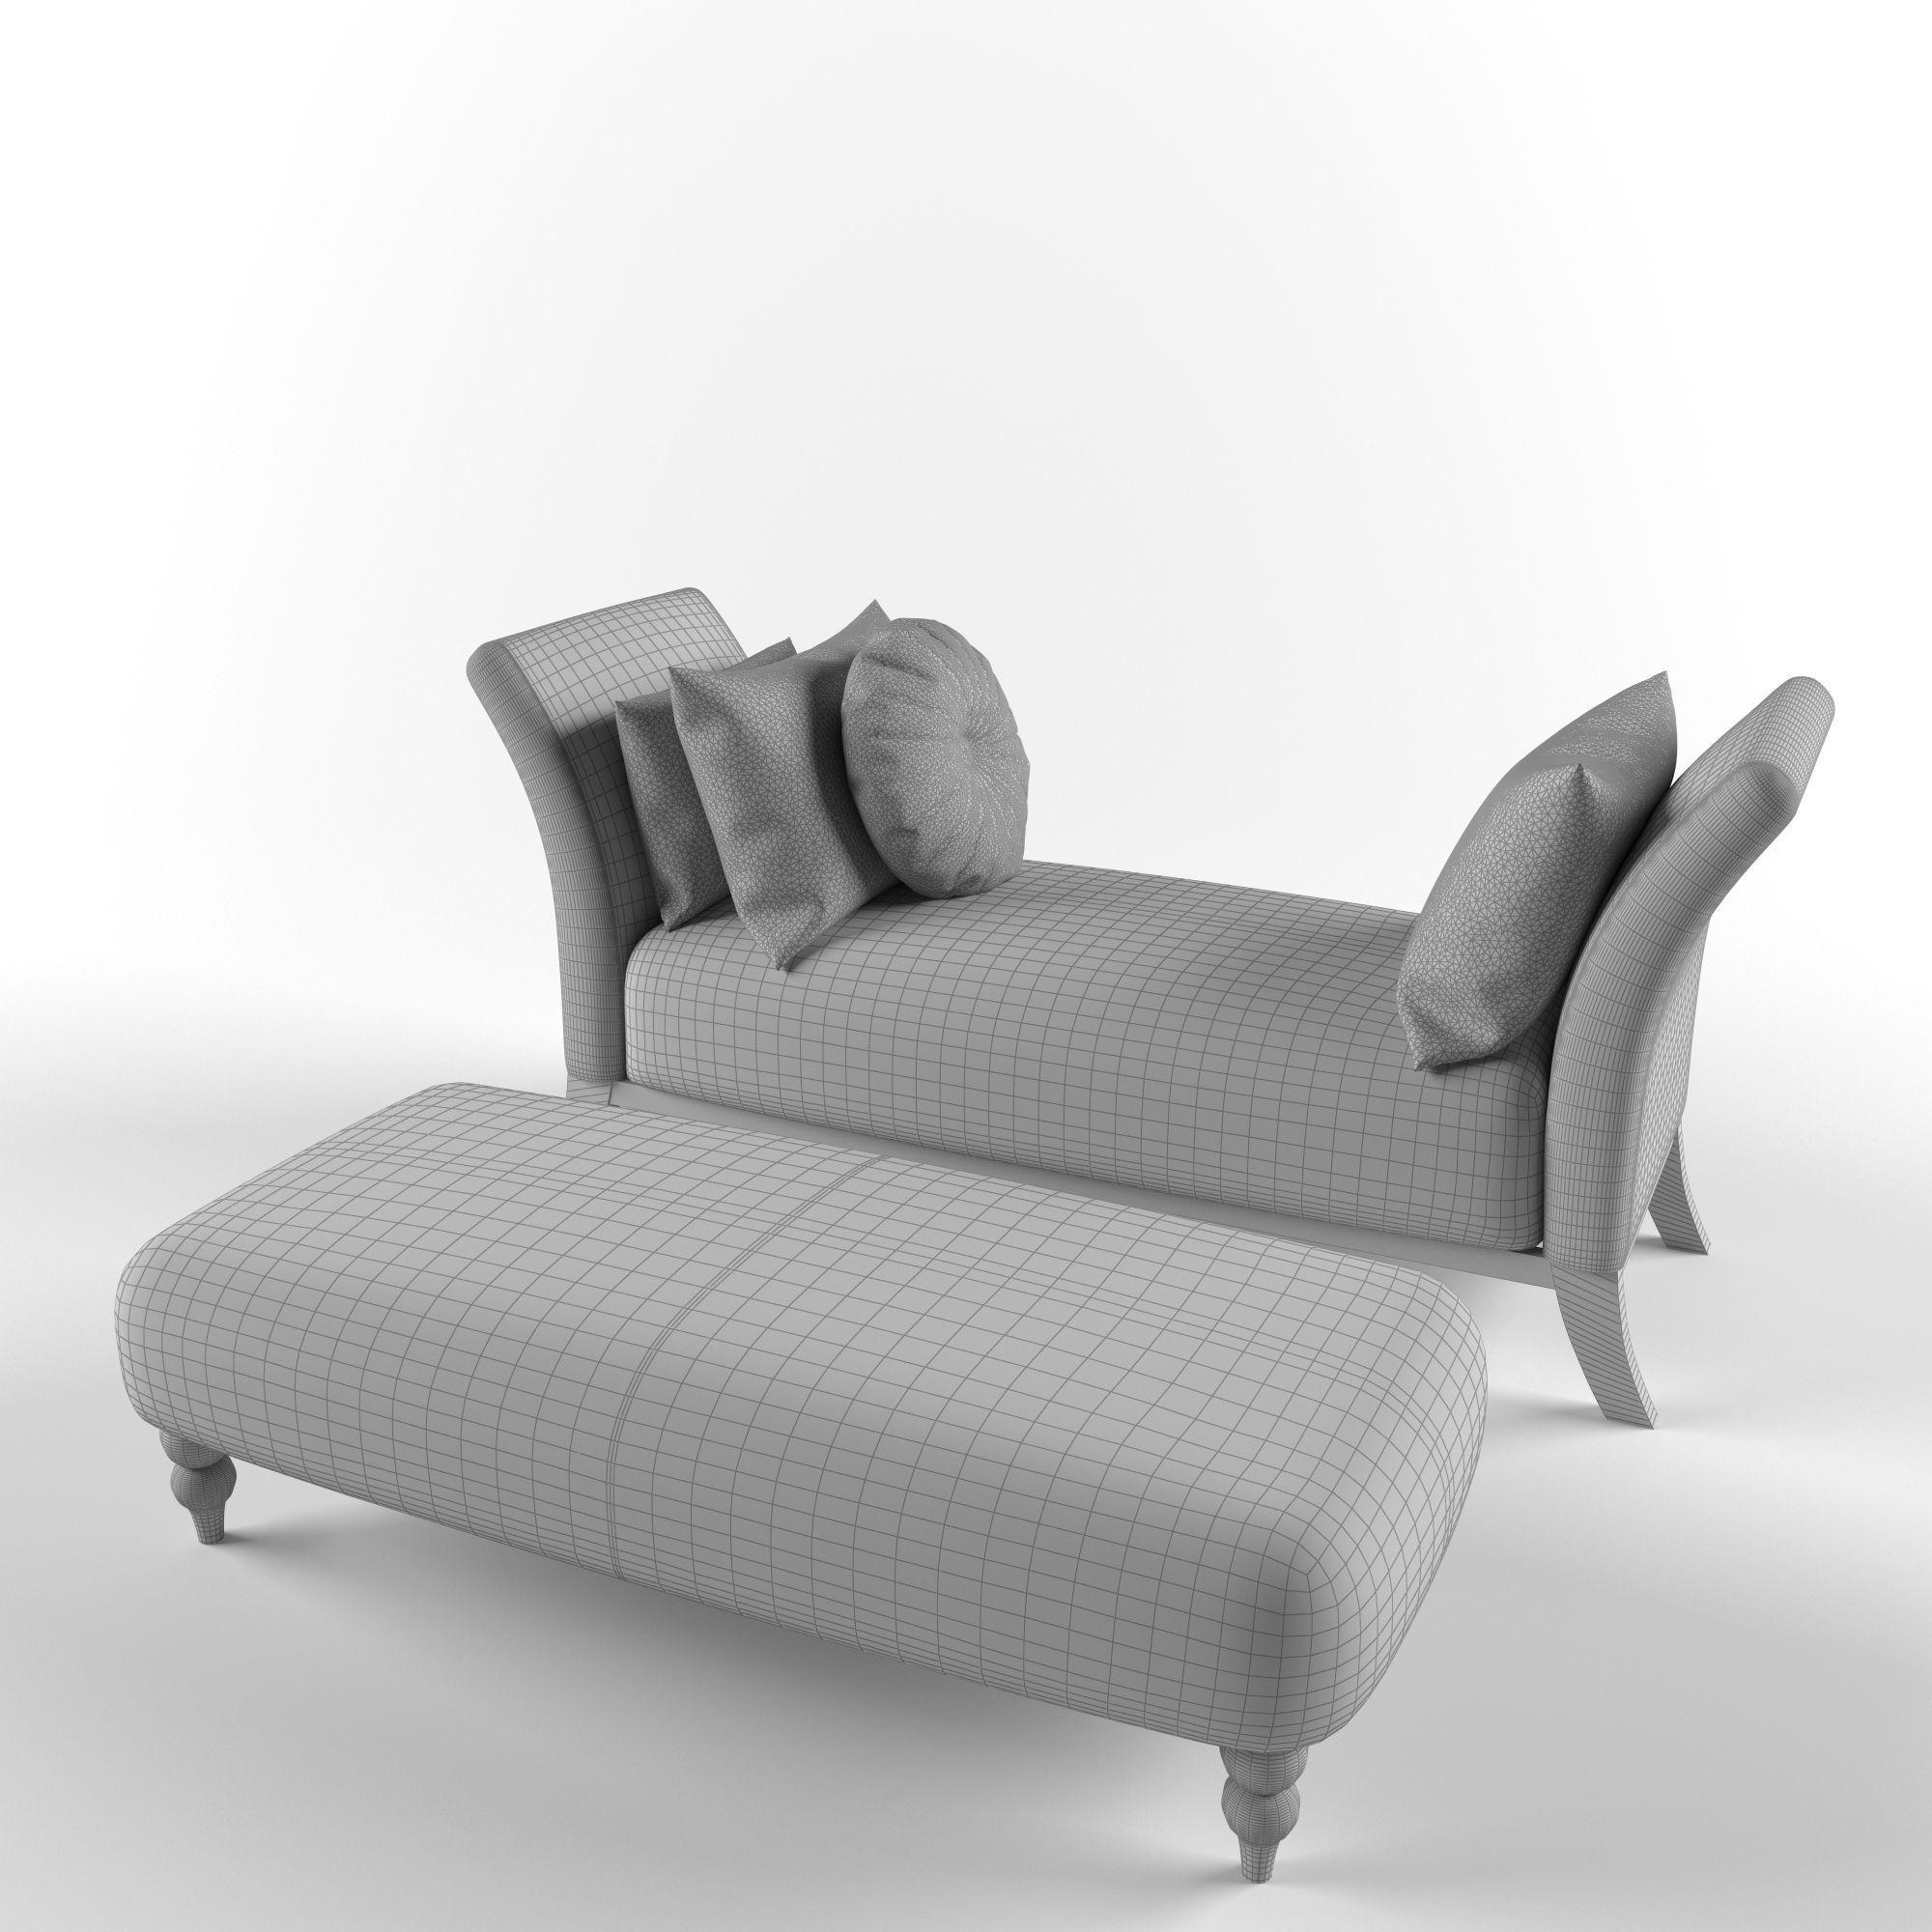 Superieur ... Classic Sofa Banquette 3d Model Max Fbx Unitypackage Prefab 2 ...